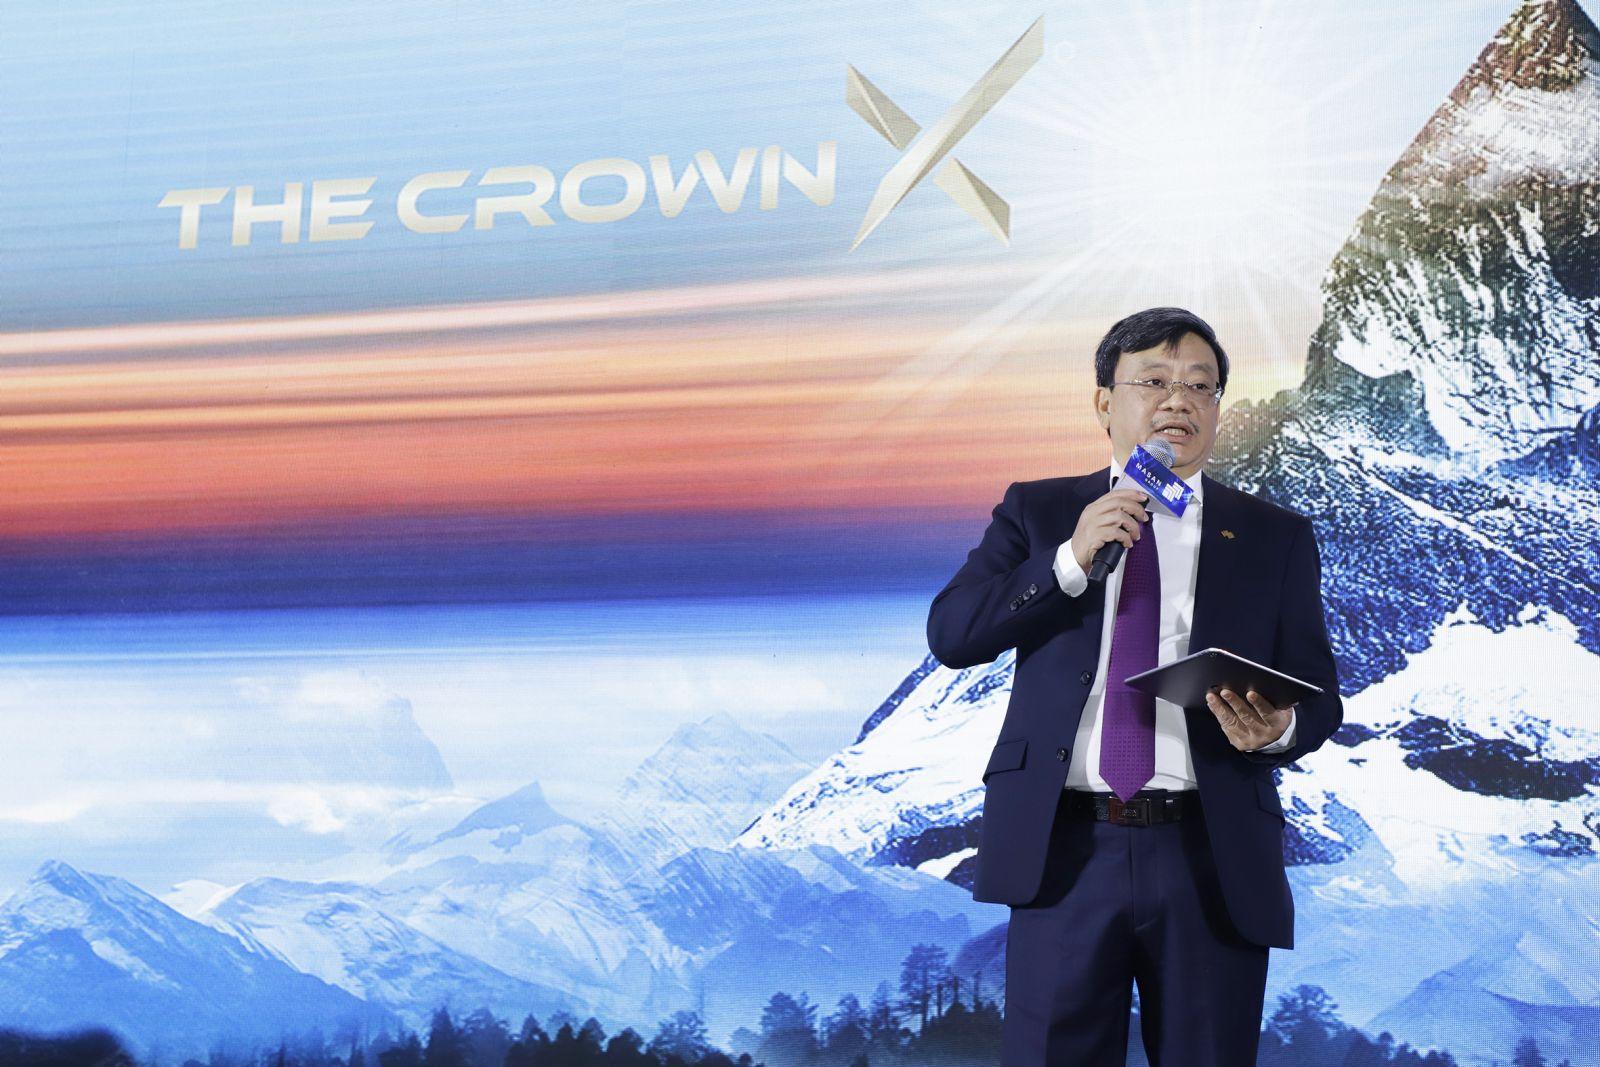 Tiến sĩ Nguyễn Đăng Quang, Chủ tịch HĐQT Masan Group